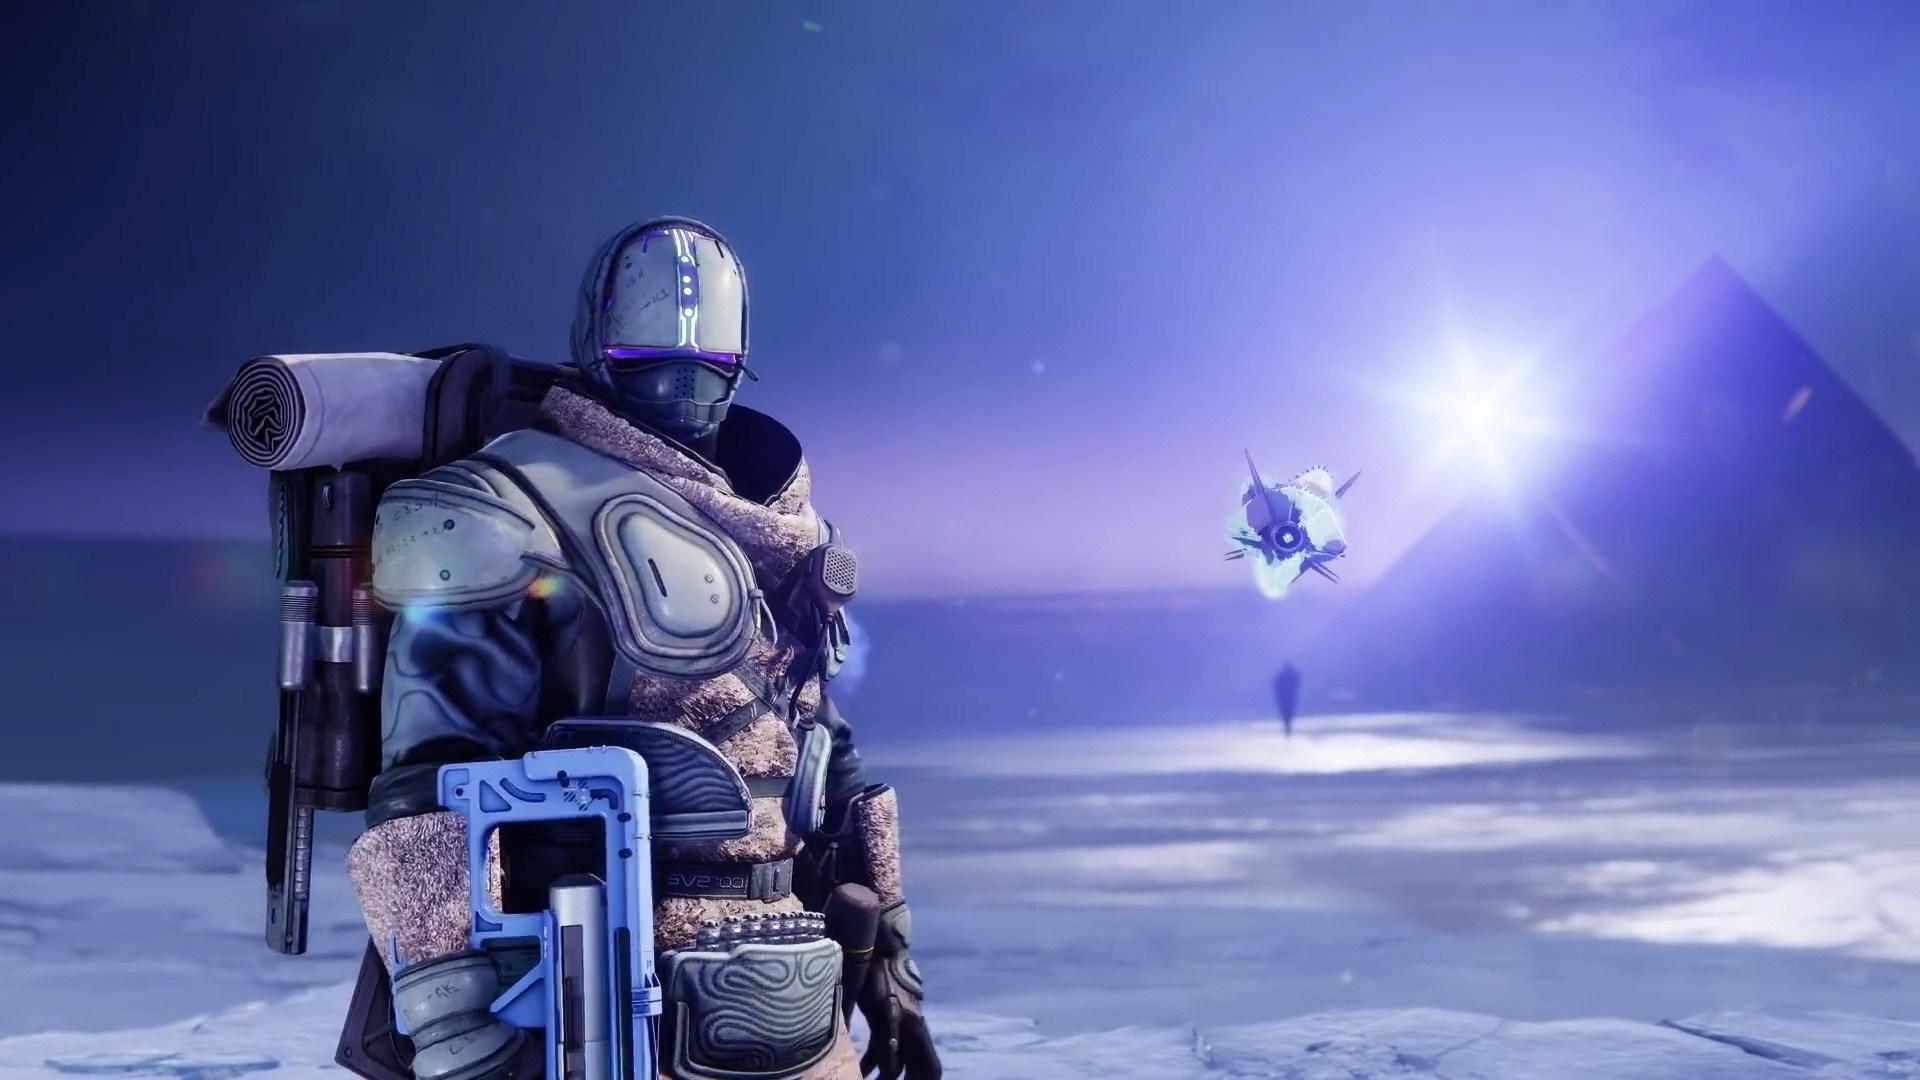 Trailer, Ego-Shooter, Online-Spiele, Dlc, Activision, Online-Shooter, Erweiterung, Bungie, Destiny, Destiny 2, Jenseits des Lichts, Destiny 2: Jenseits des Lichts